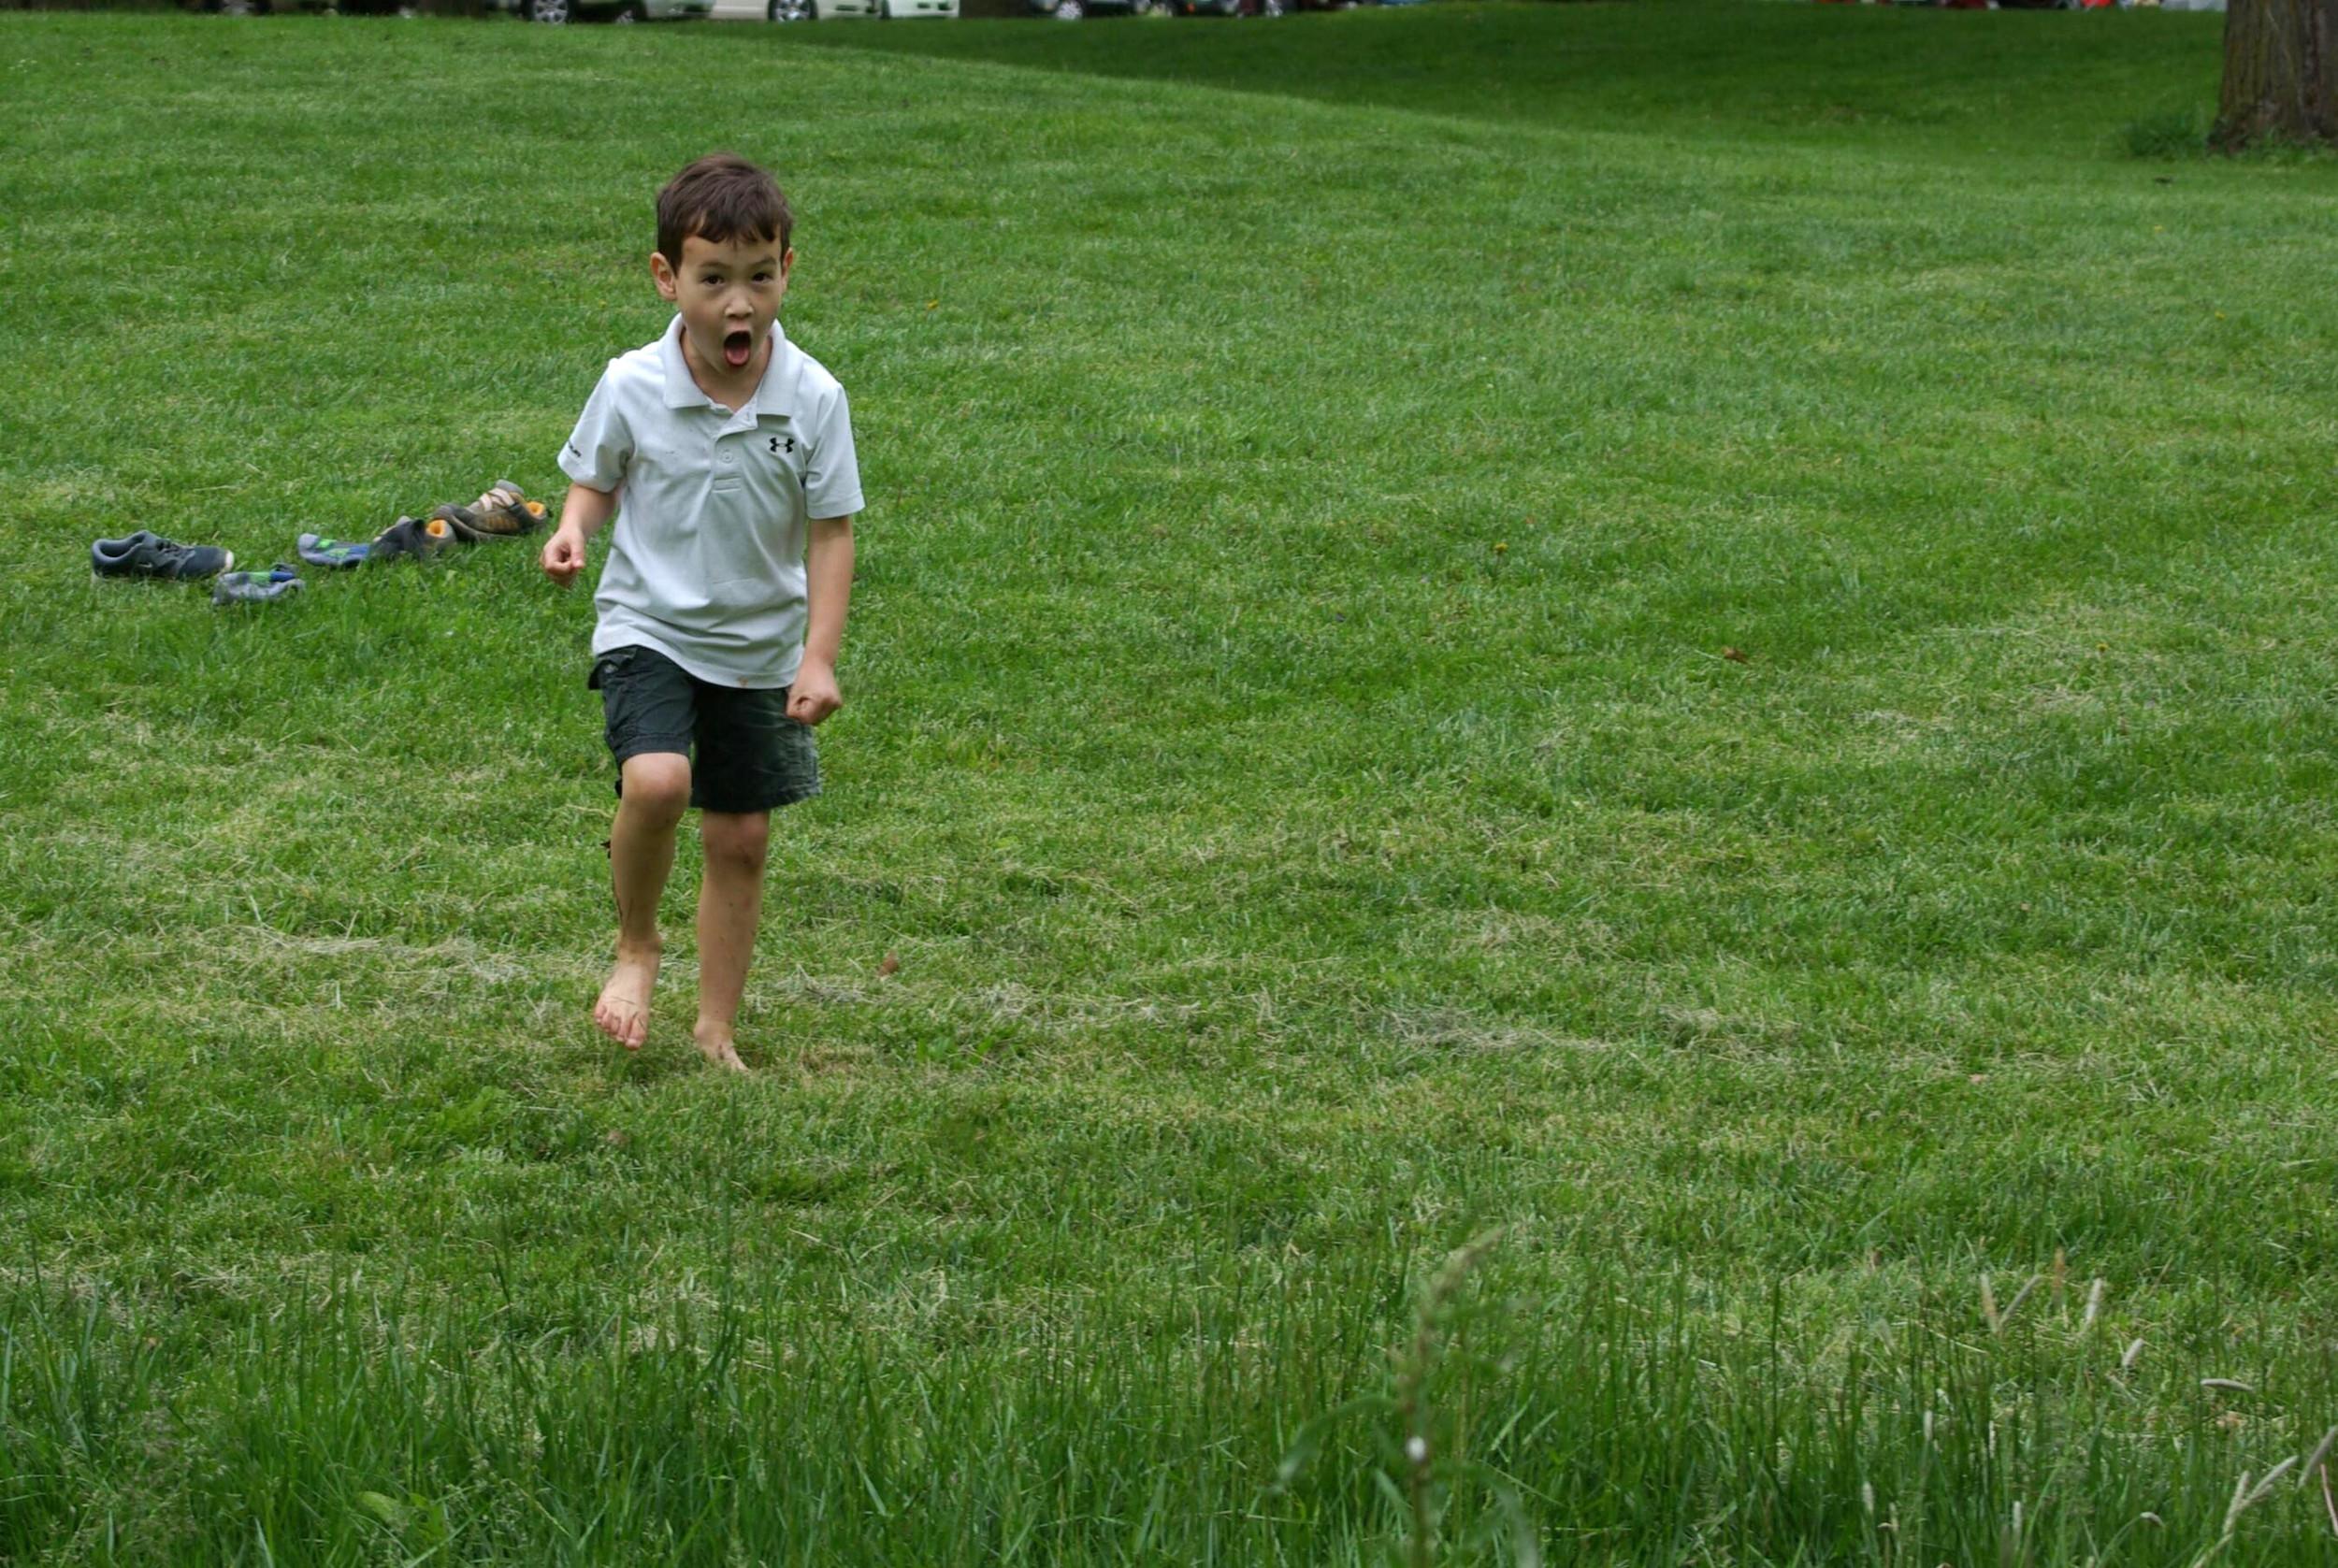 zion-picnic_26477557823_o.jpg